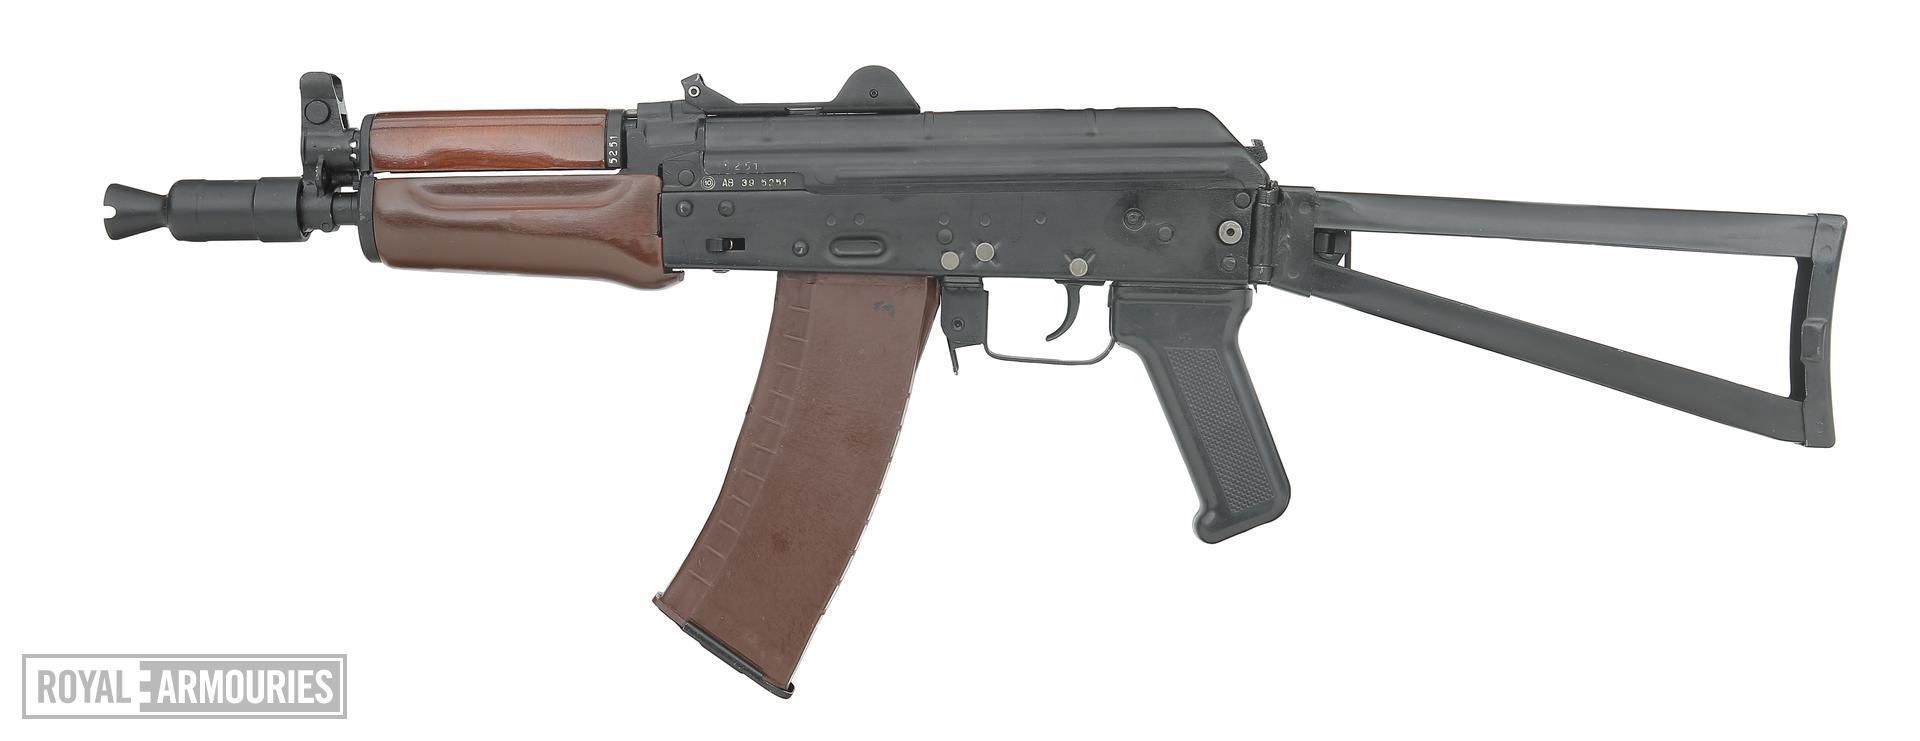 Centrefire automatic carbine - AR-SF (Kalashnikov AKS-74u)